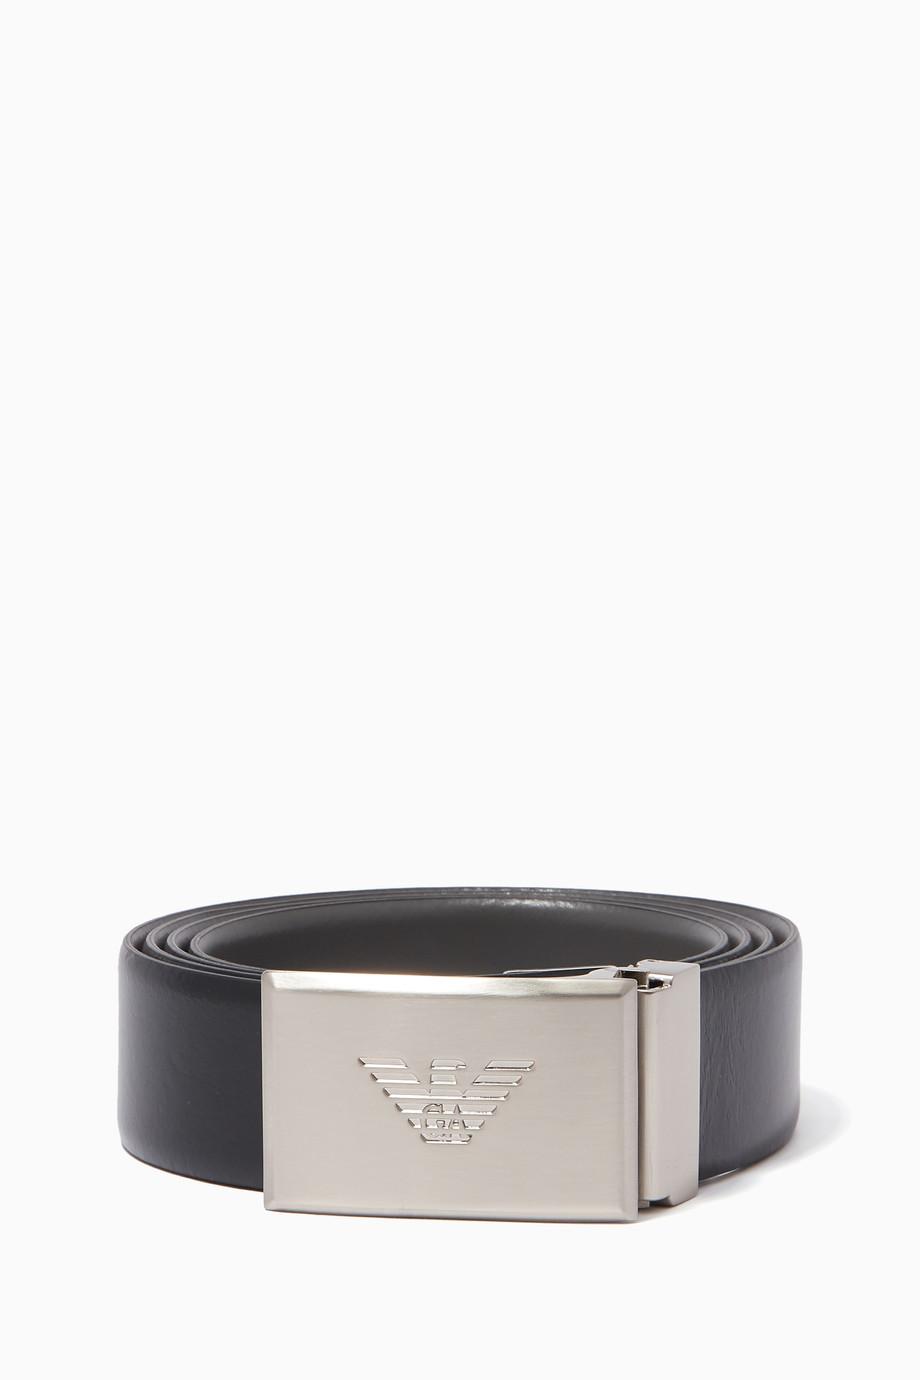 e184d243 Shop Emporio Armani Black Eagle Plaque Buckle Reversible Belt for ...